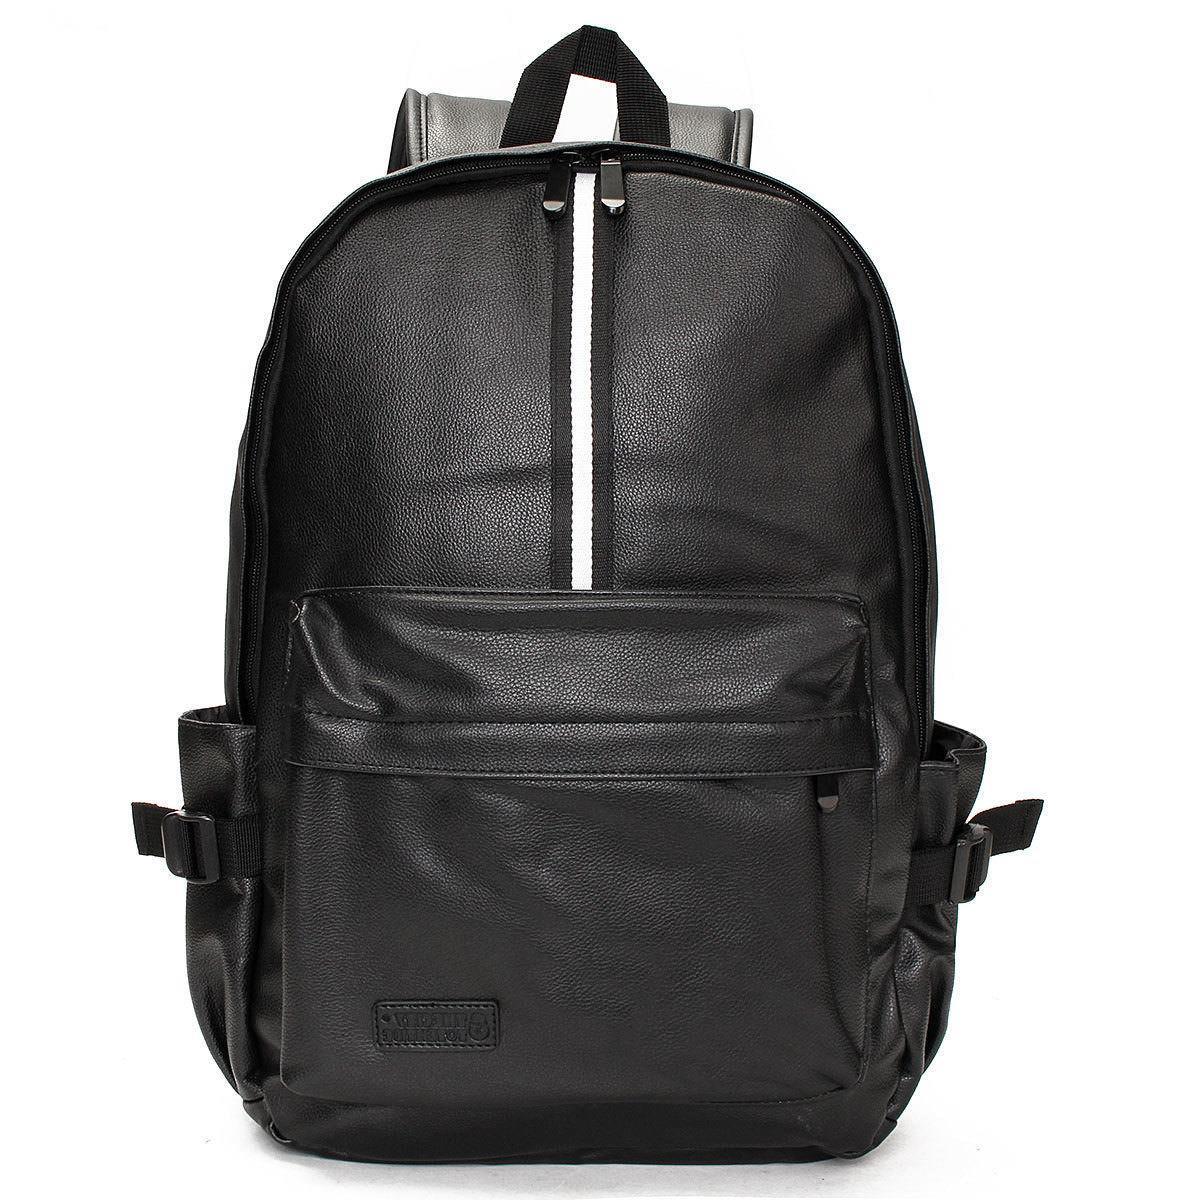 Men Leather Travel Rucksack Camping Satchel Shoulder School Bag